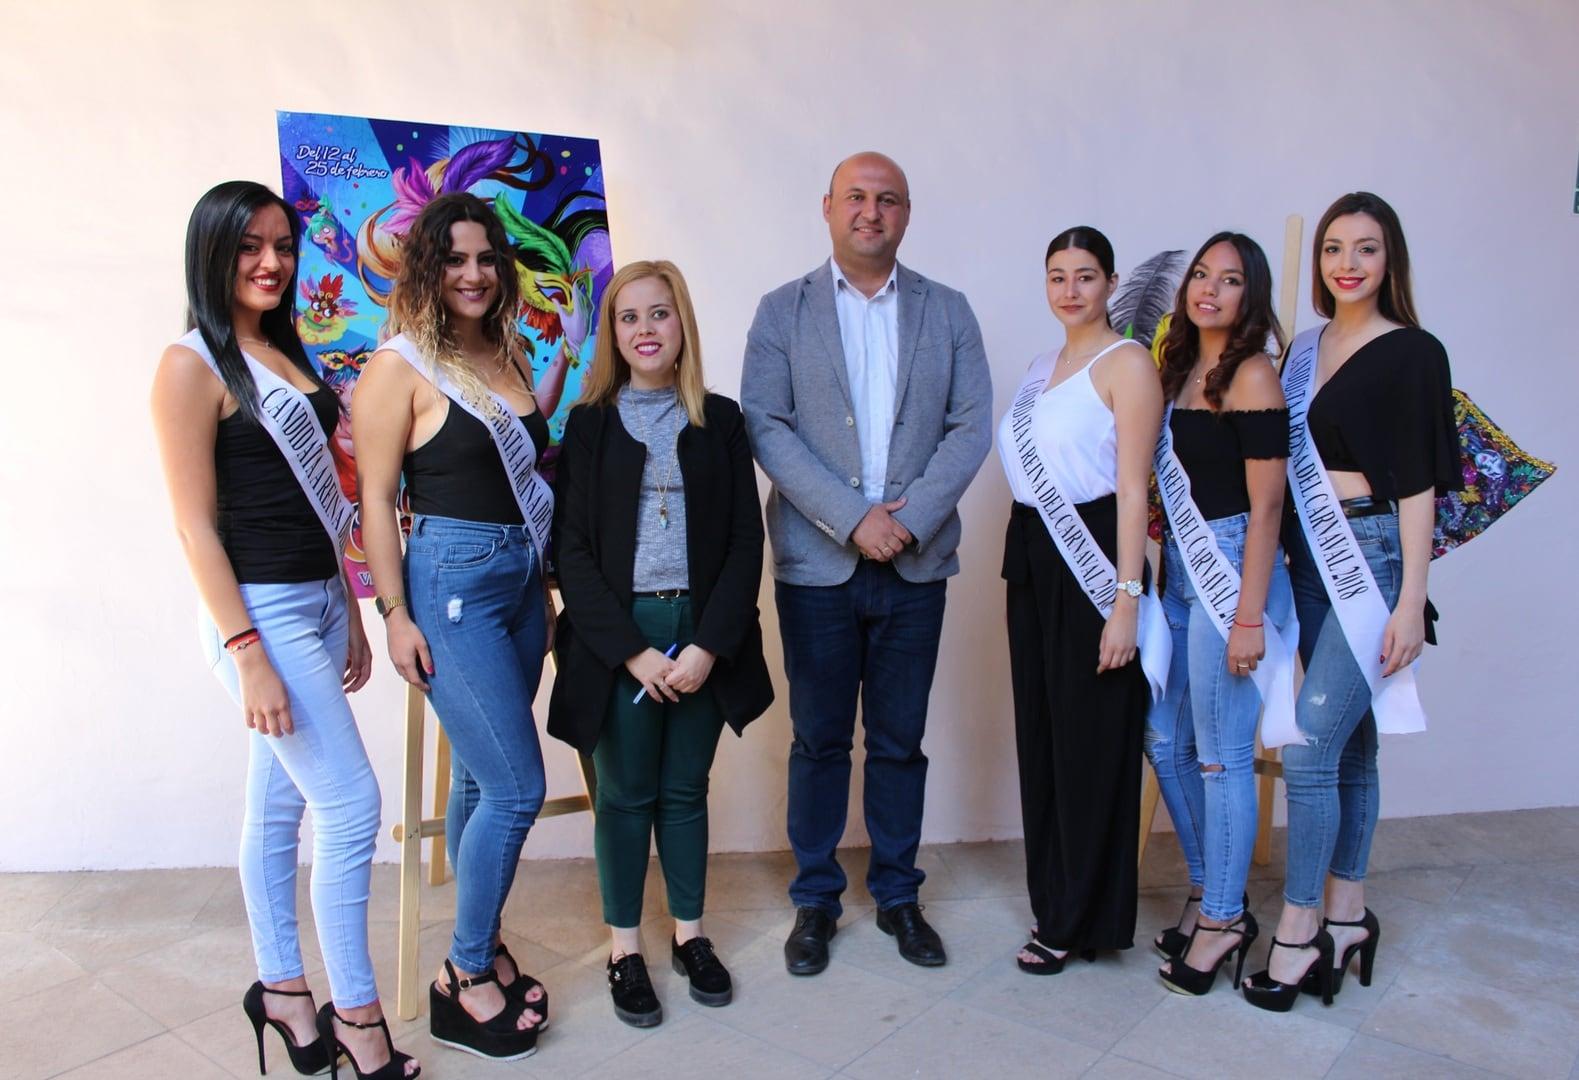 Carnaval 2018: Presentación del Programa, candidatas a Reina y estreno de nueva carpa